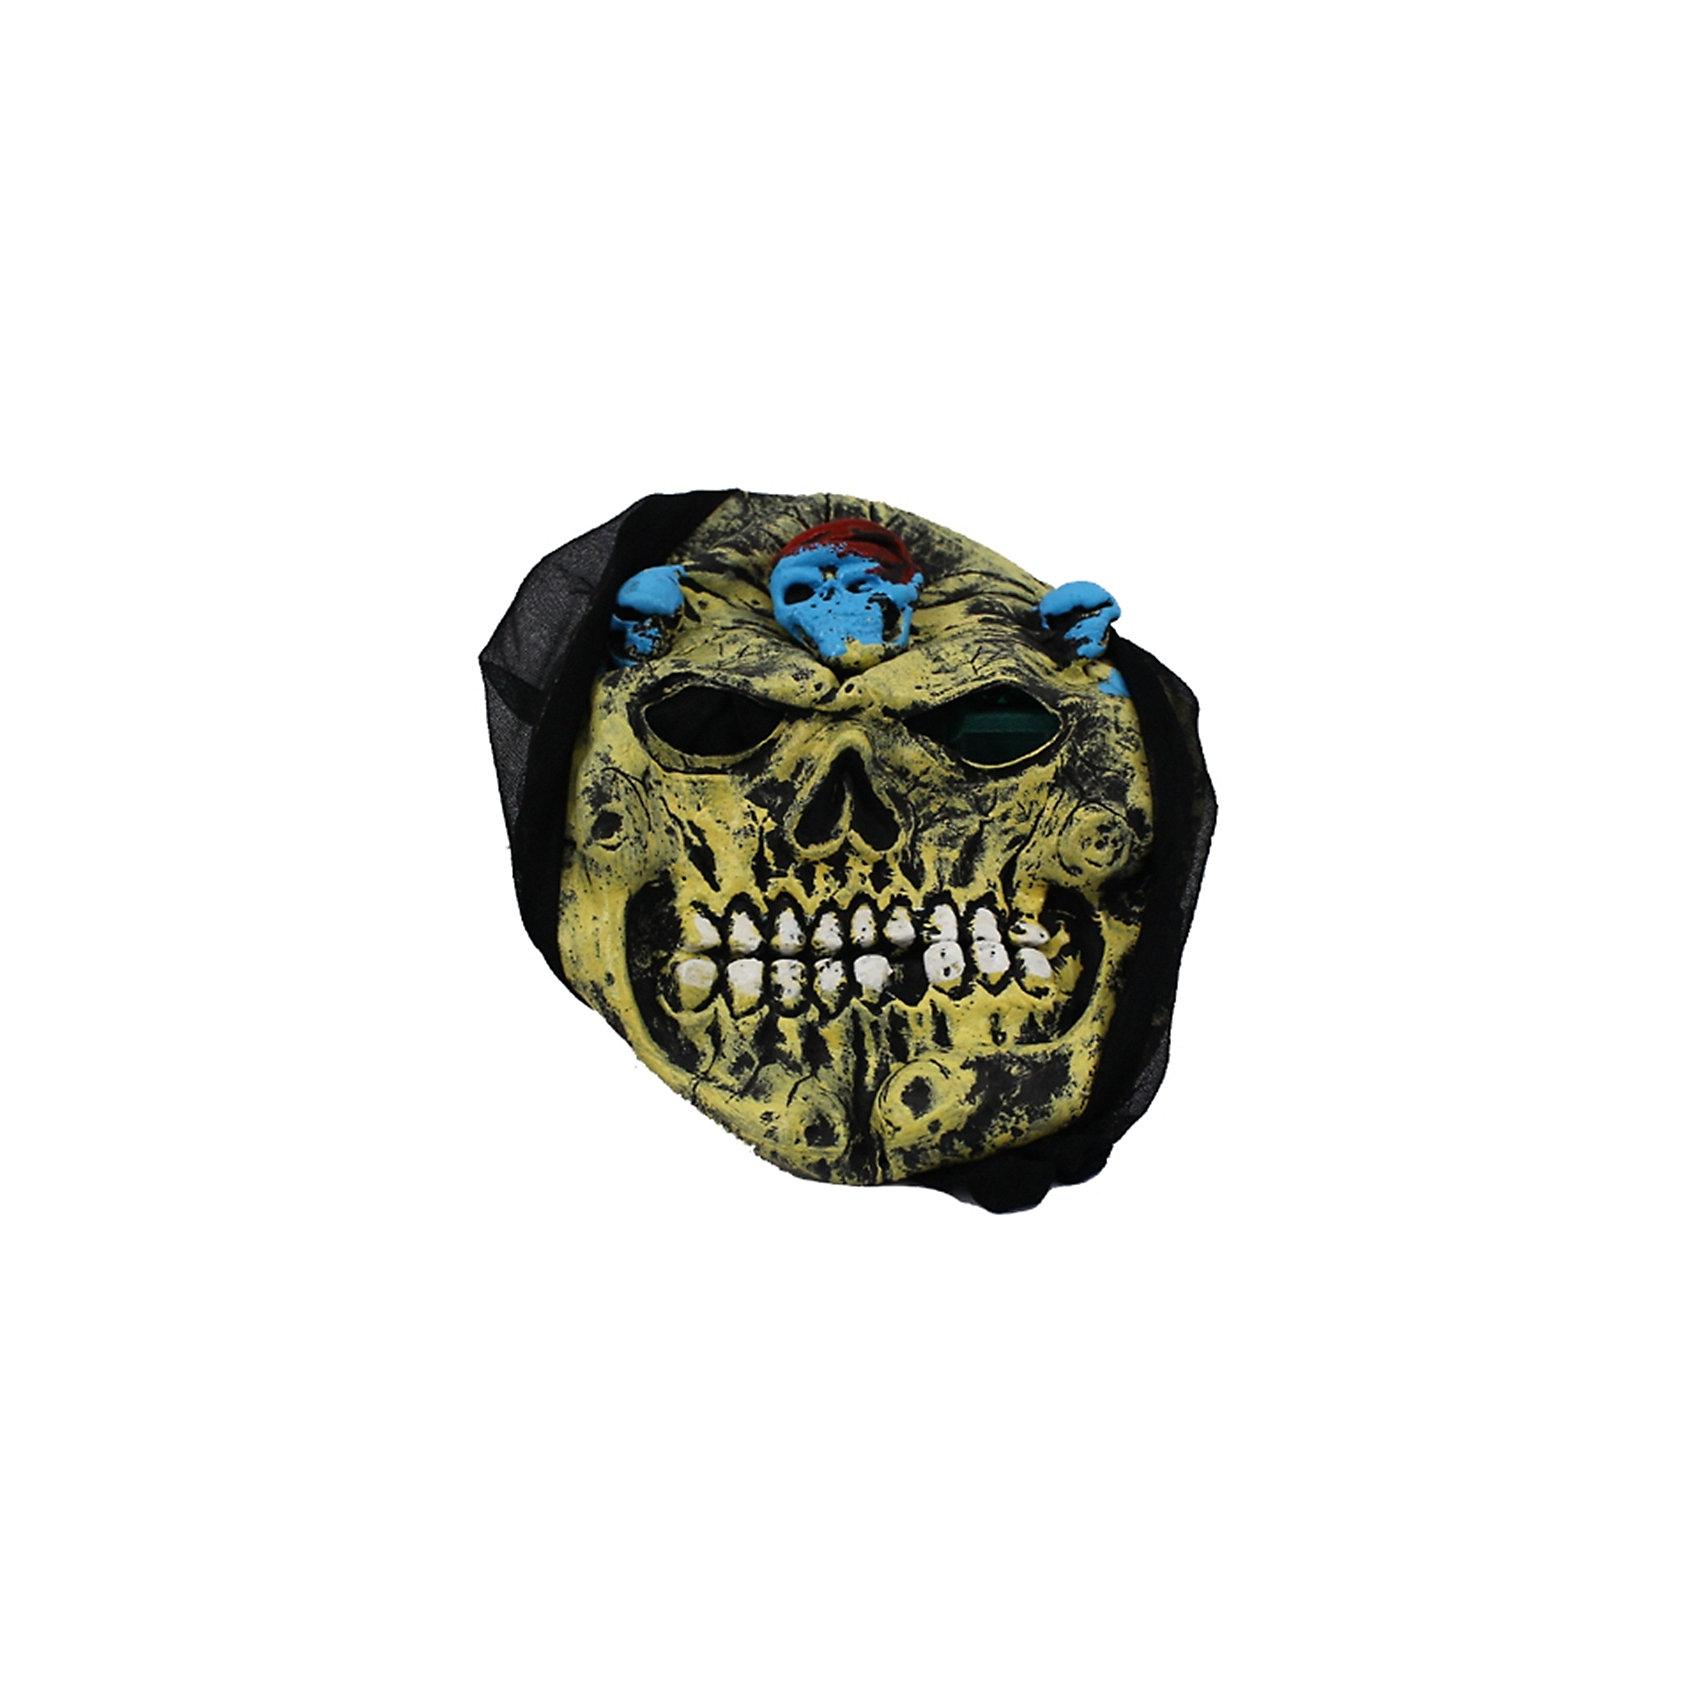 Карнавальная маска Череп, хакиКарнавальная маска Череп, хаки — это детализированный элемент карнавального костюма, представляющий собой маску, которая вызовет настоящий восторг у всех юных поклонников преображения. Маска очень практичная, ваш ребенок всё увидит через глазницы существа. Если у него будет костюм в едином стиле с маской, то приз на любом конкурсе костюмов ему обеспечен. Эти маски могут понравится как девочкам, так и мальчикам, ведь все дети хотят хоть раз побыть на стороне чудовища.<br><br>Ширина мм: 195<br>Глубина мм: 20<br>Высота мм: 265<br>Вес г: 100<br>Возраст от месяцев: 72<br>Возраст до месяцев: 192<br>Пол: Мужской<br>Возраст: Детский<br>SKU: 4767388